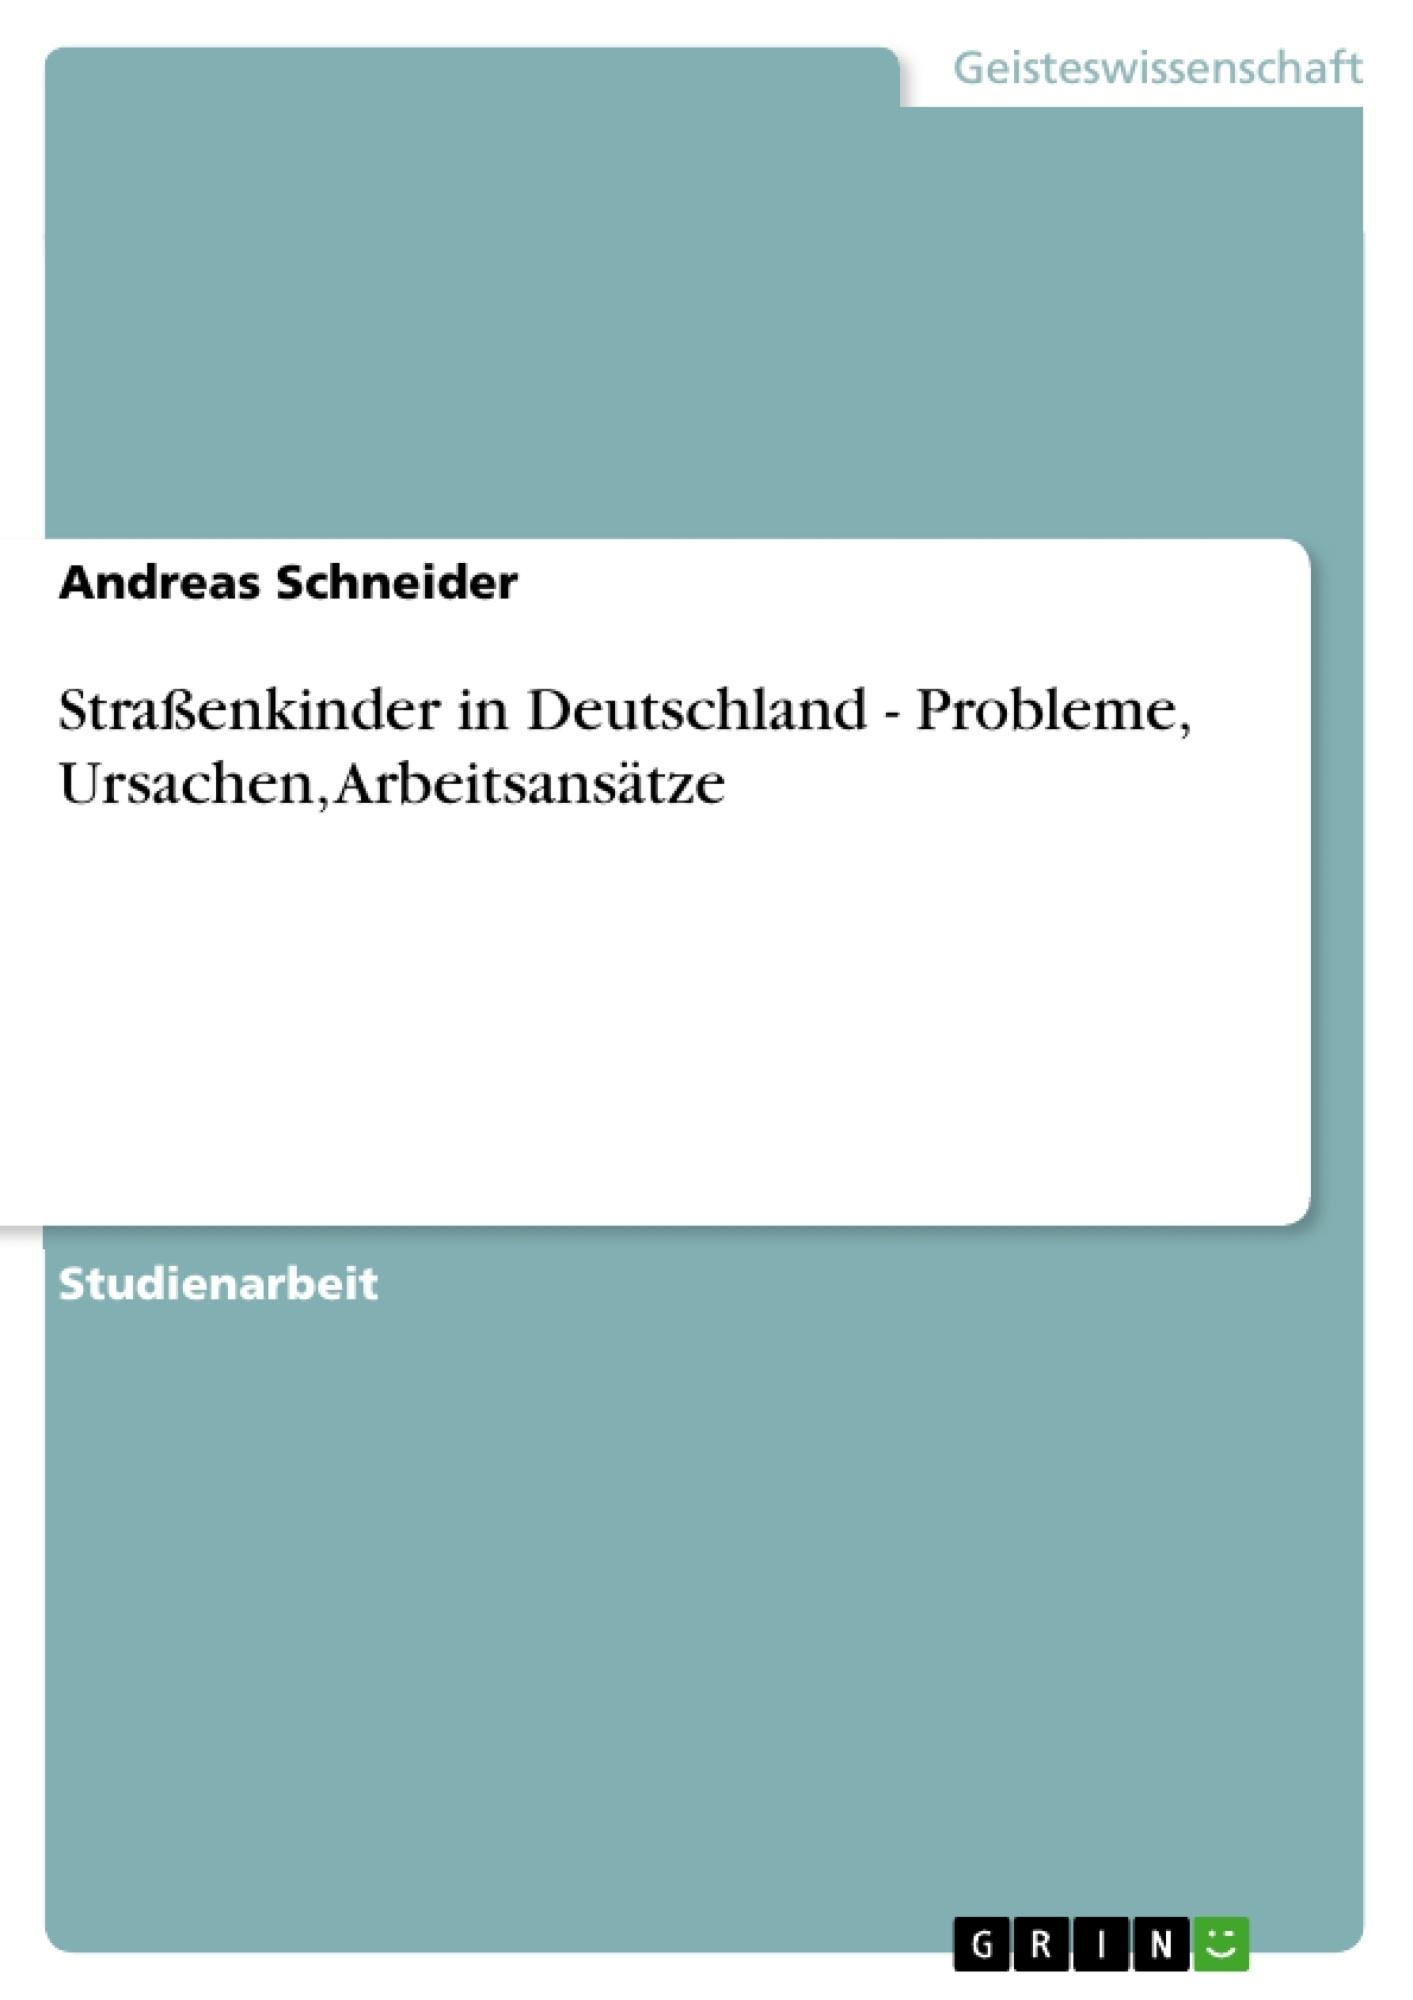 Titel: Straßenkinder in Deutschland - Probleme, Ursachen, Arbeitsansätze